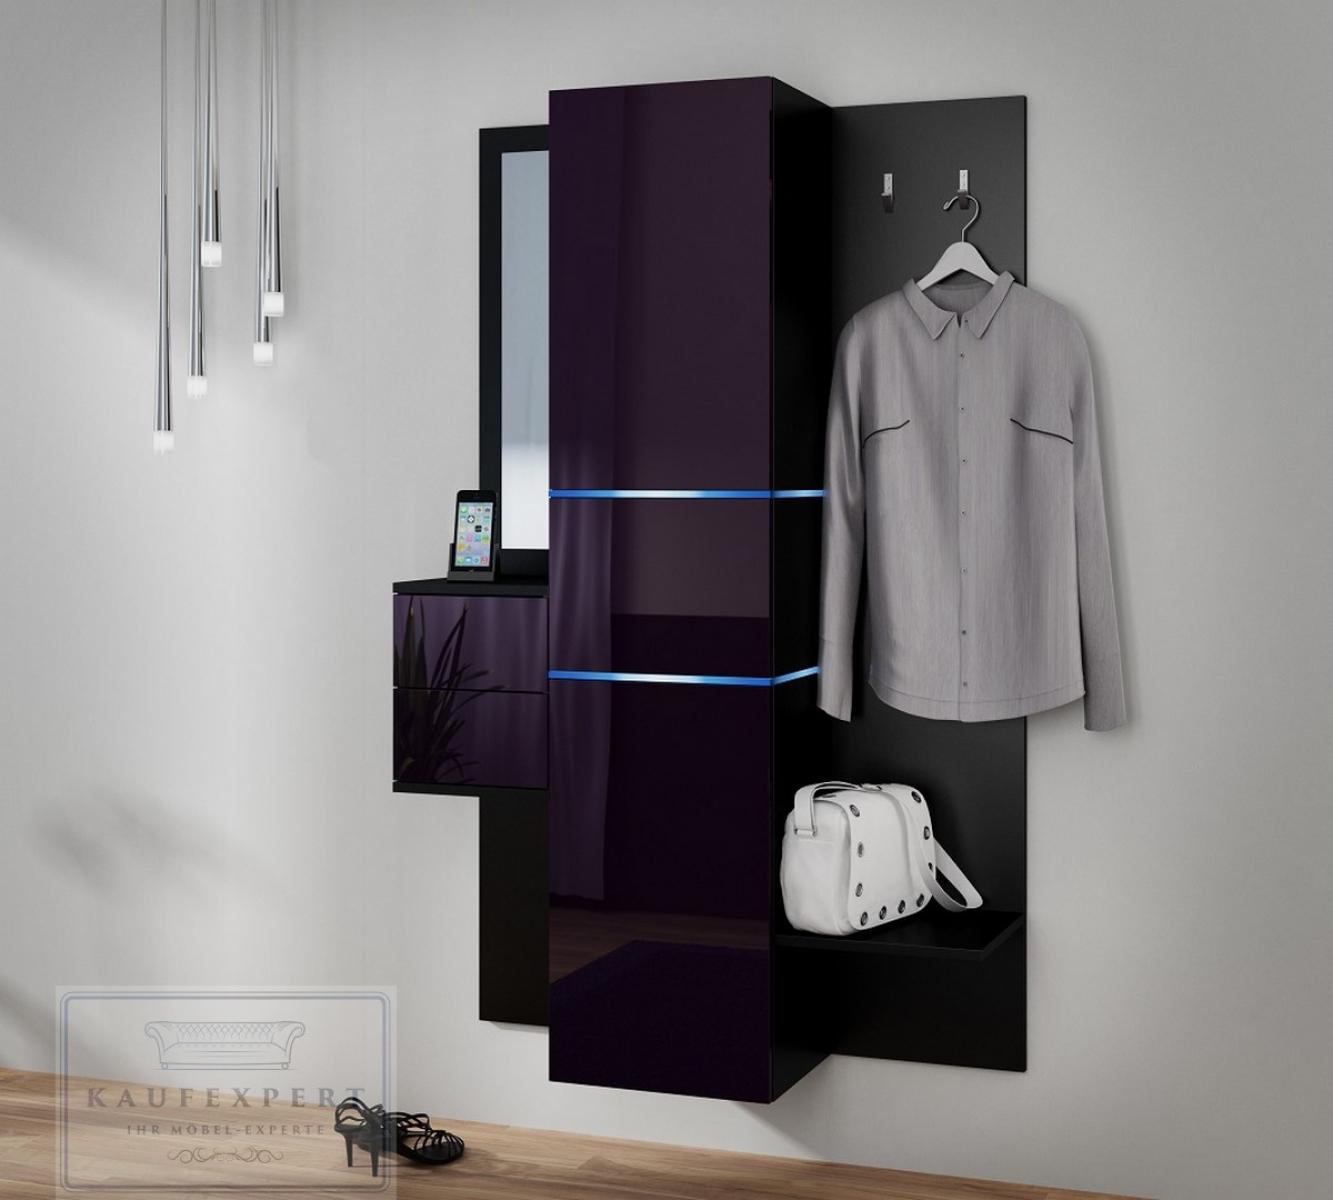 kaufexpert garderobe camino aubergine hochglanz schwarz. Black Bedroom Furniture Sets. Home Design Ideas